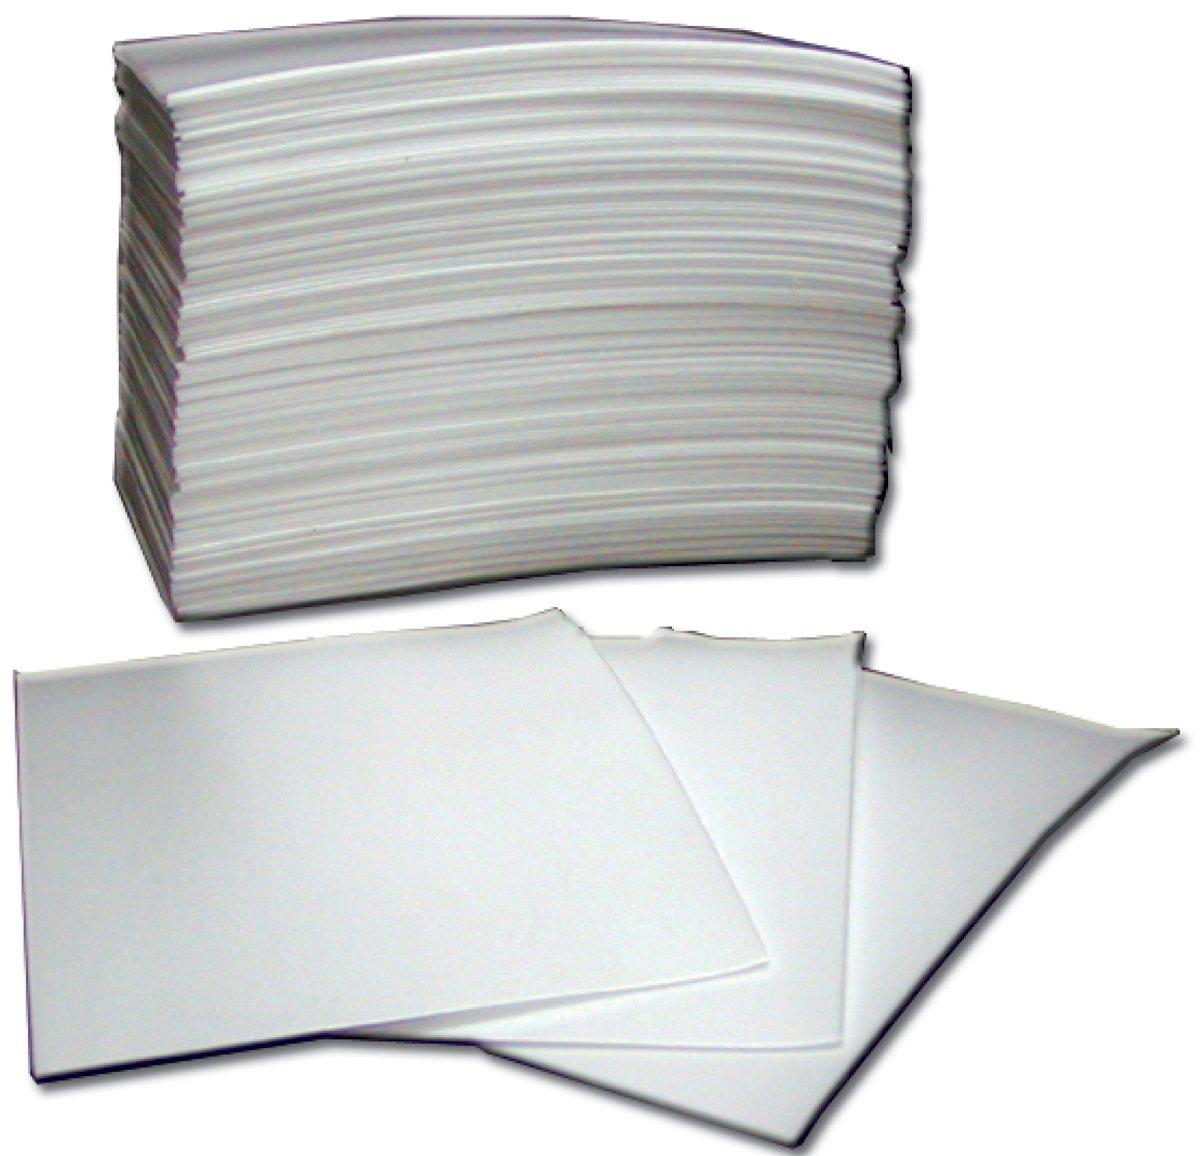 100 Planchas de impresión 10 x 15 cm marca INOVART